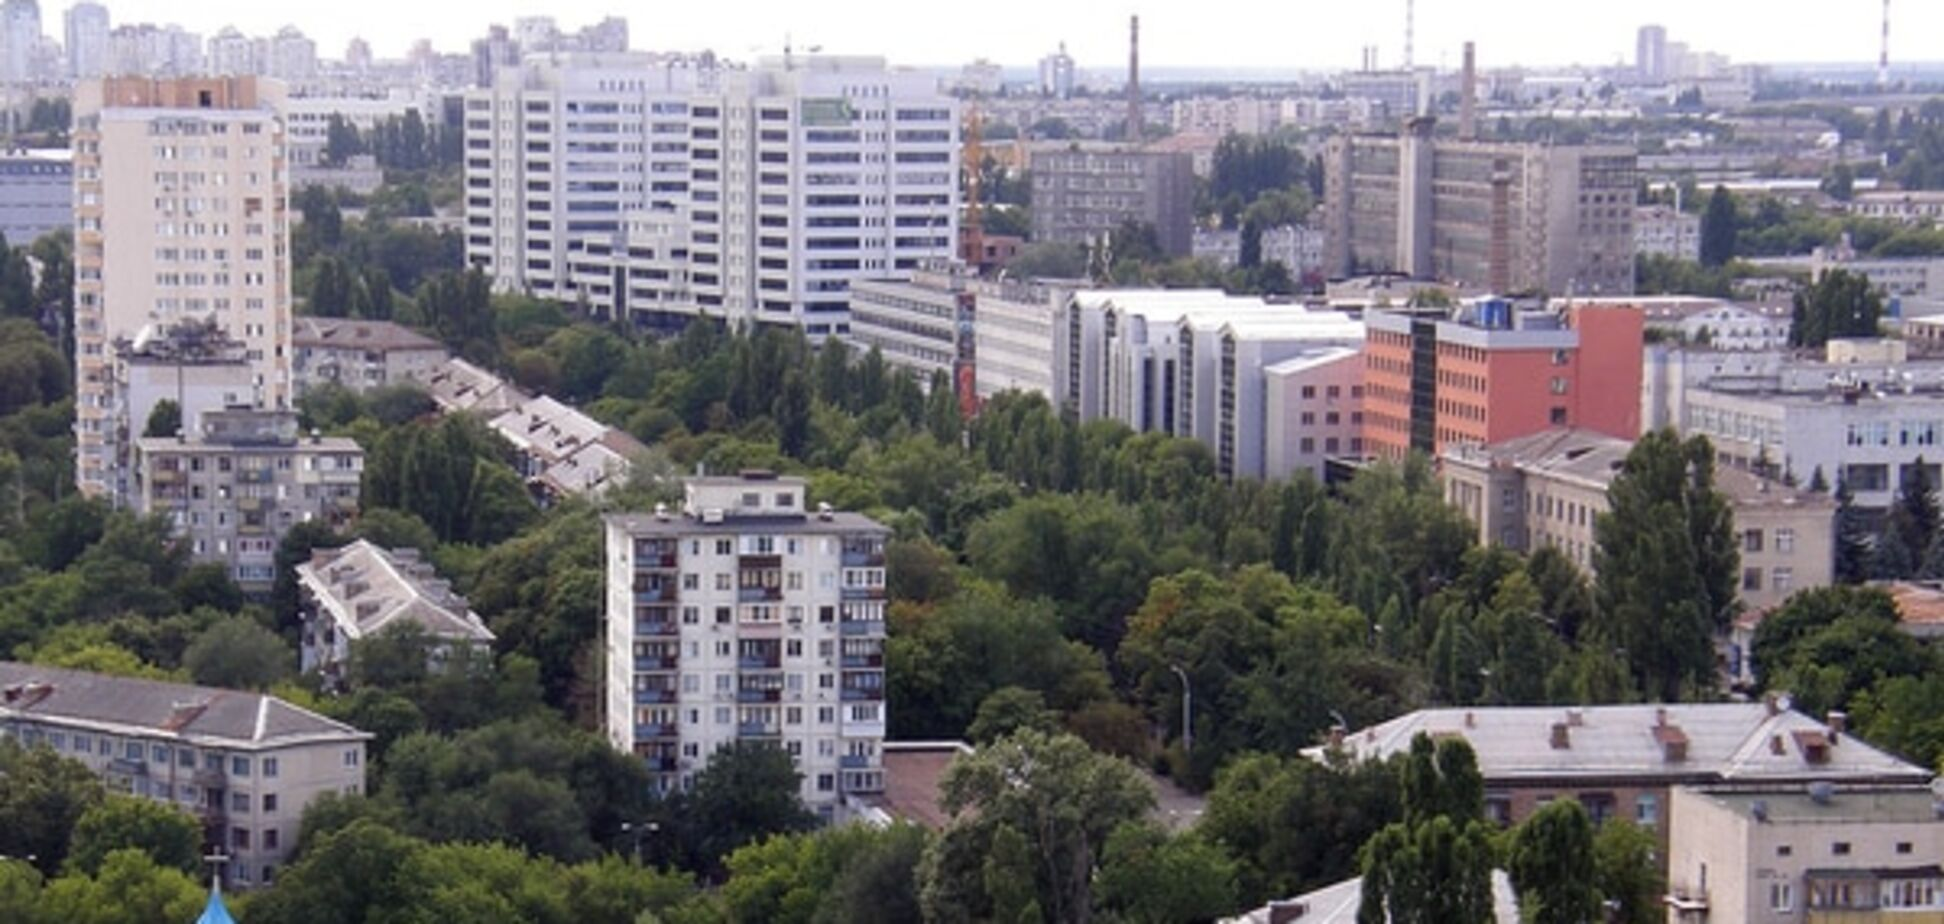 Аренда квартир в Киеве: что будет с ценами и ближайший прогноз